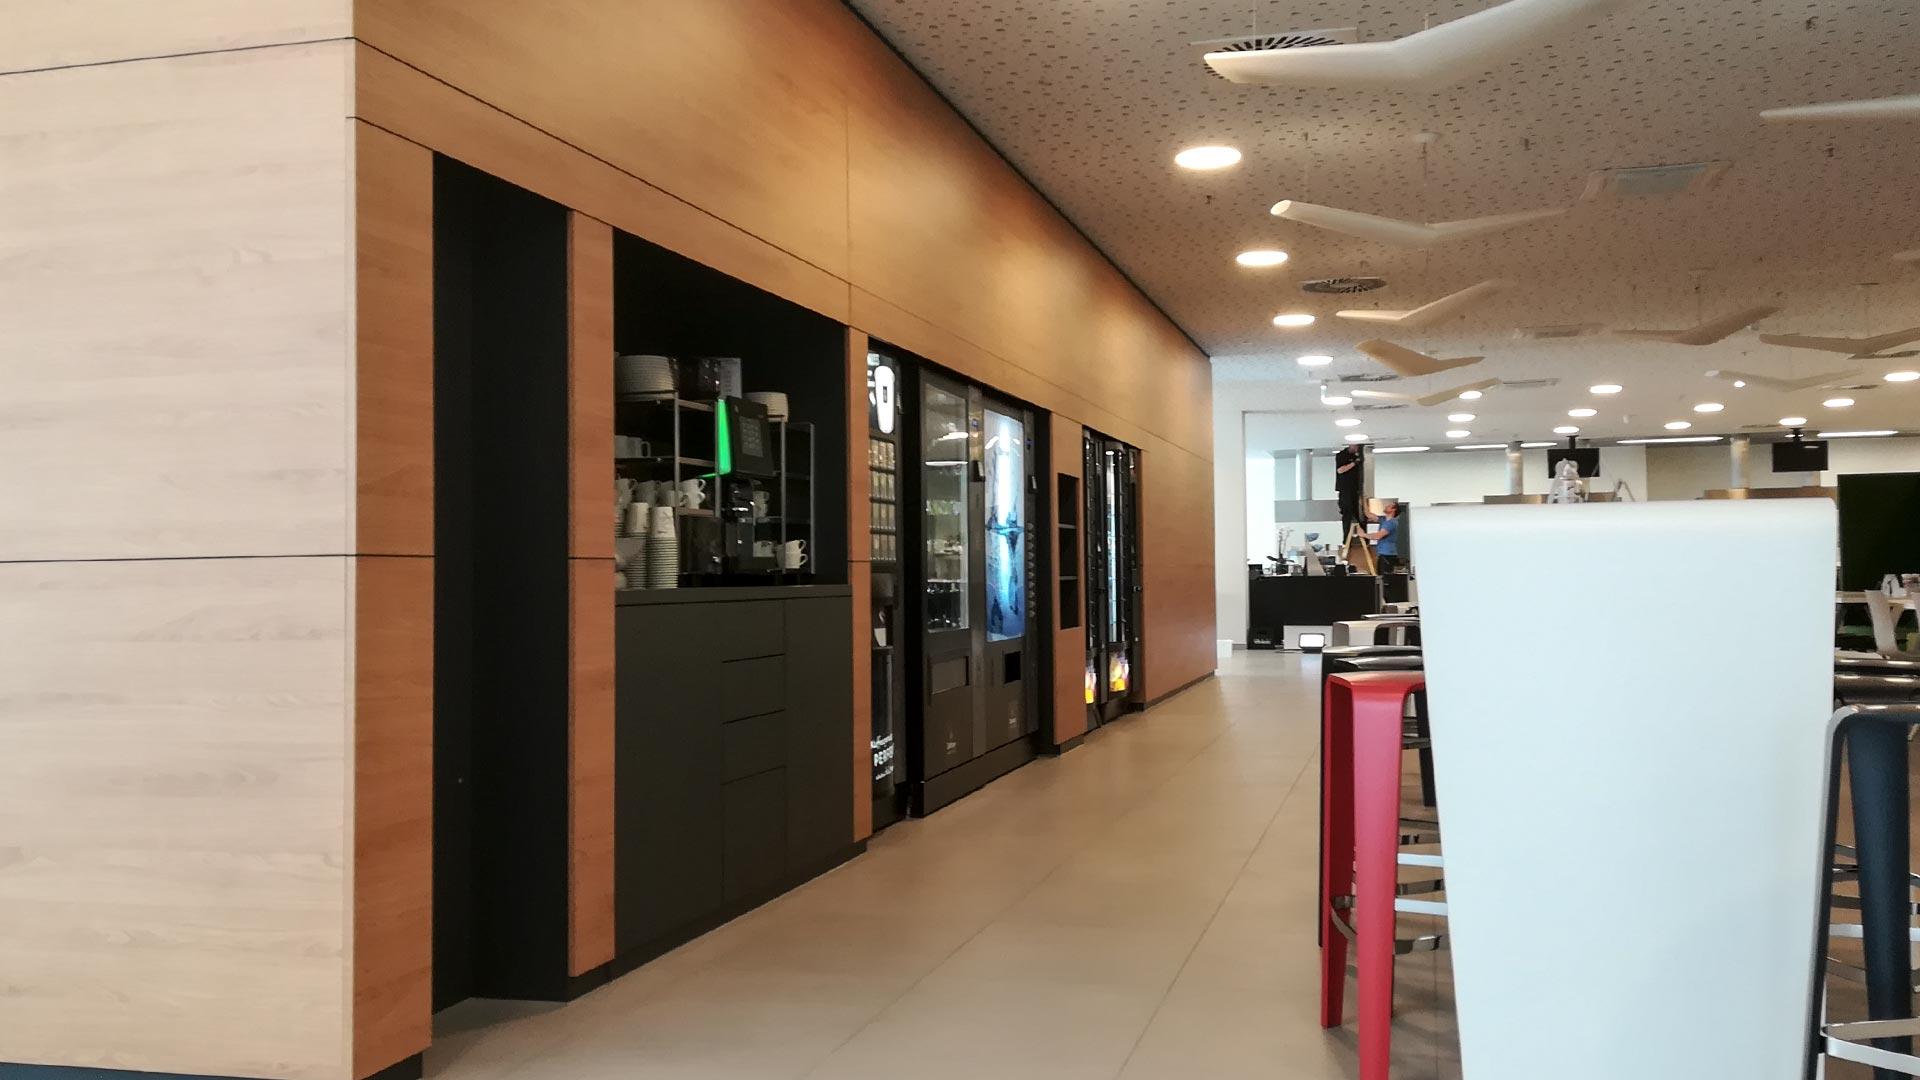 Der Raumteiler fasst Snack- und Getränkeautomaten, Kaffeebar, Tassenrückgabe und Mikrowelle.